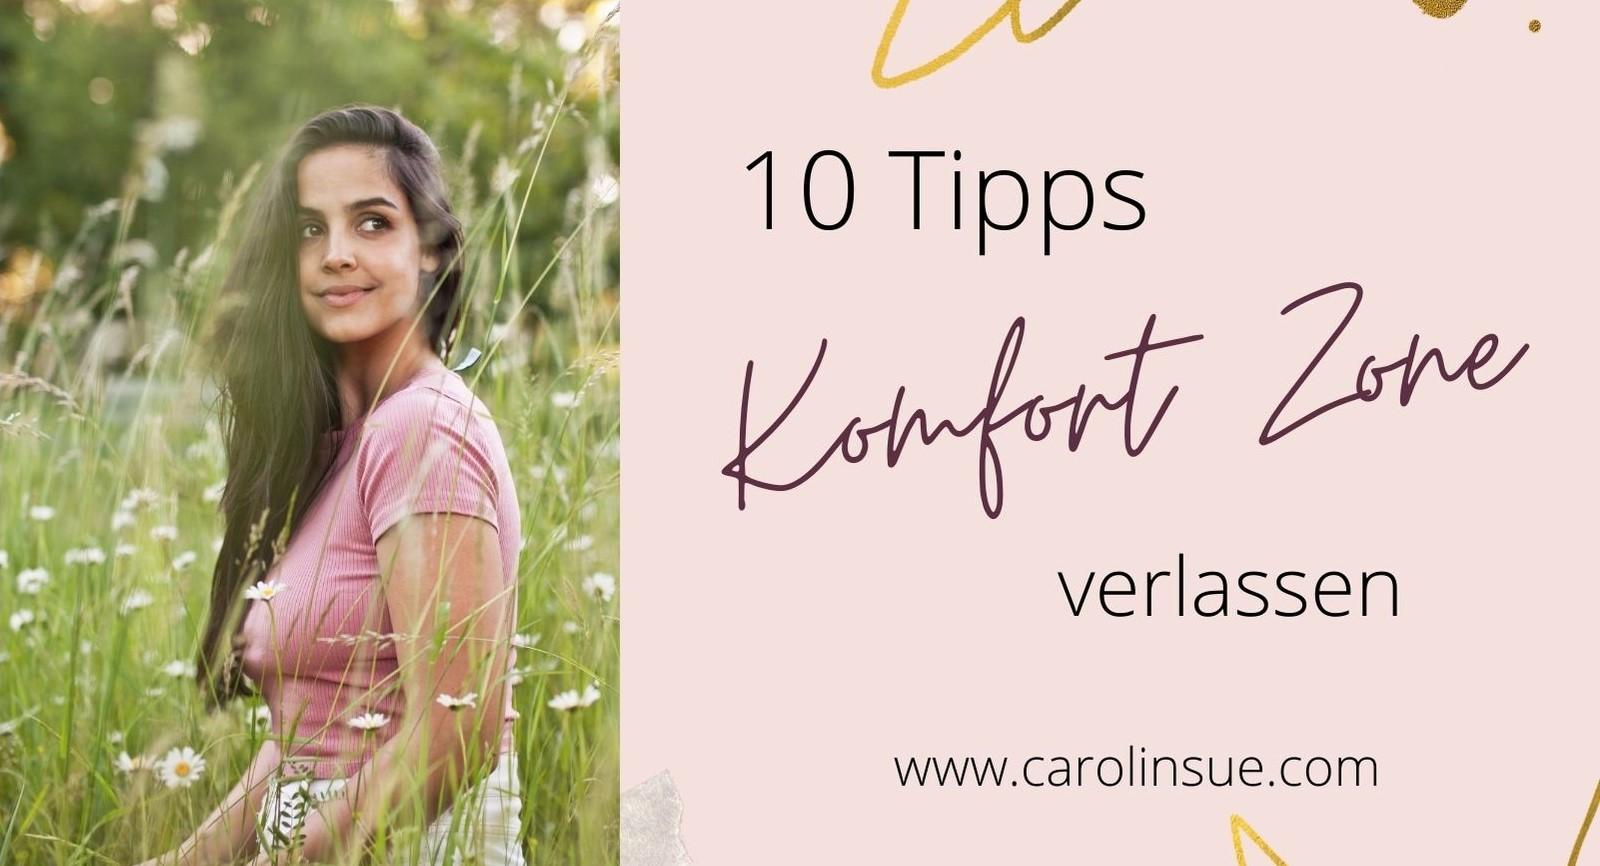 Komfortzone verlassen! Warum du es tun solltest + 10 einfache Tipps, wie du es schaffst!